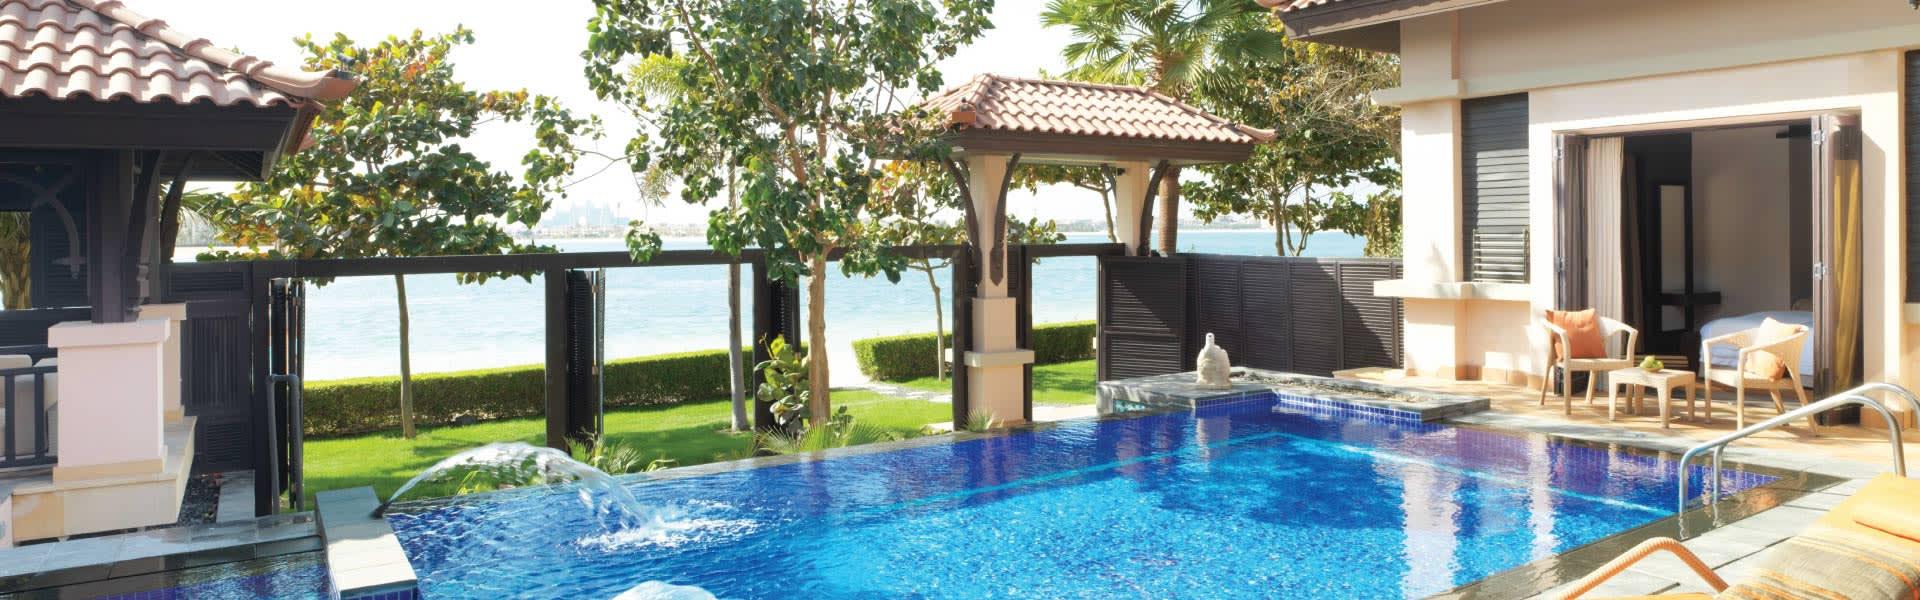 Дубай виллы с бассейном купить недвижимость на кипре отзывы